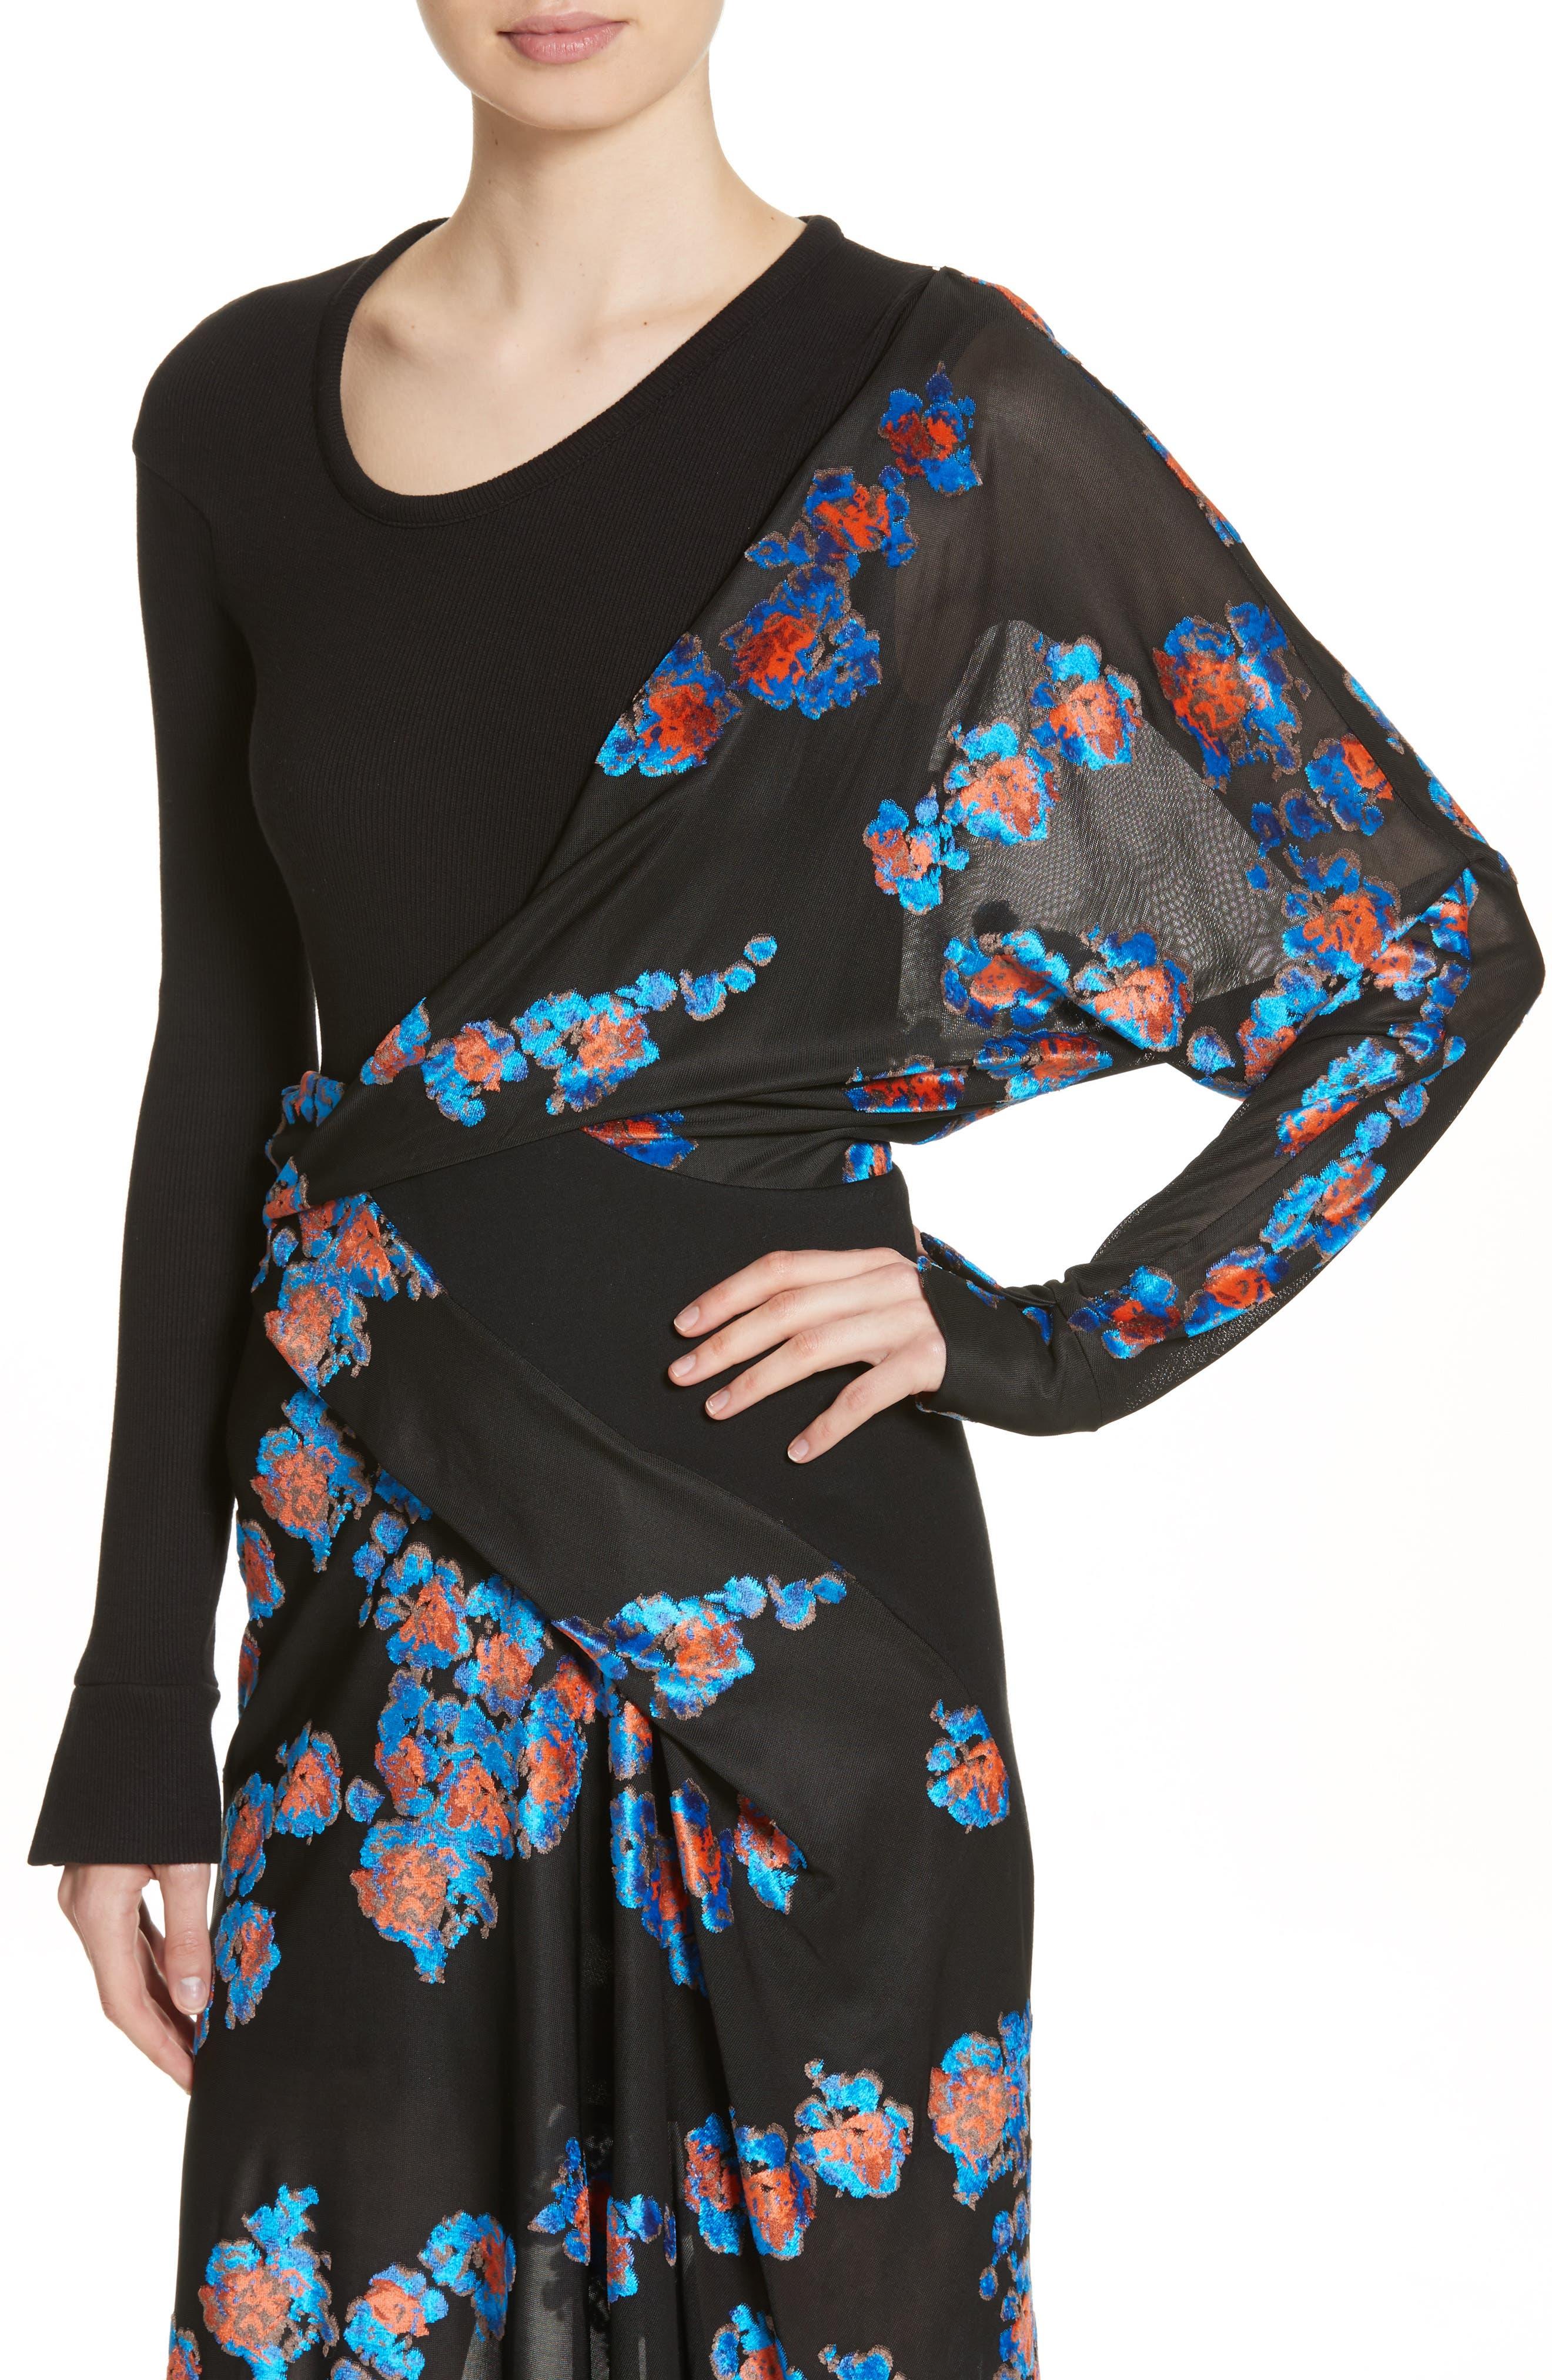 Jersey Jacquard Draped Maxi Dress,                             Alternate thumbnail 6, color,                             Black/ Black